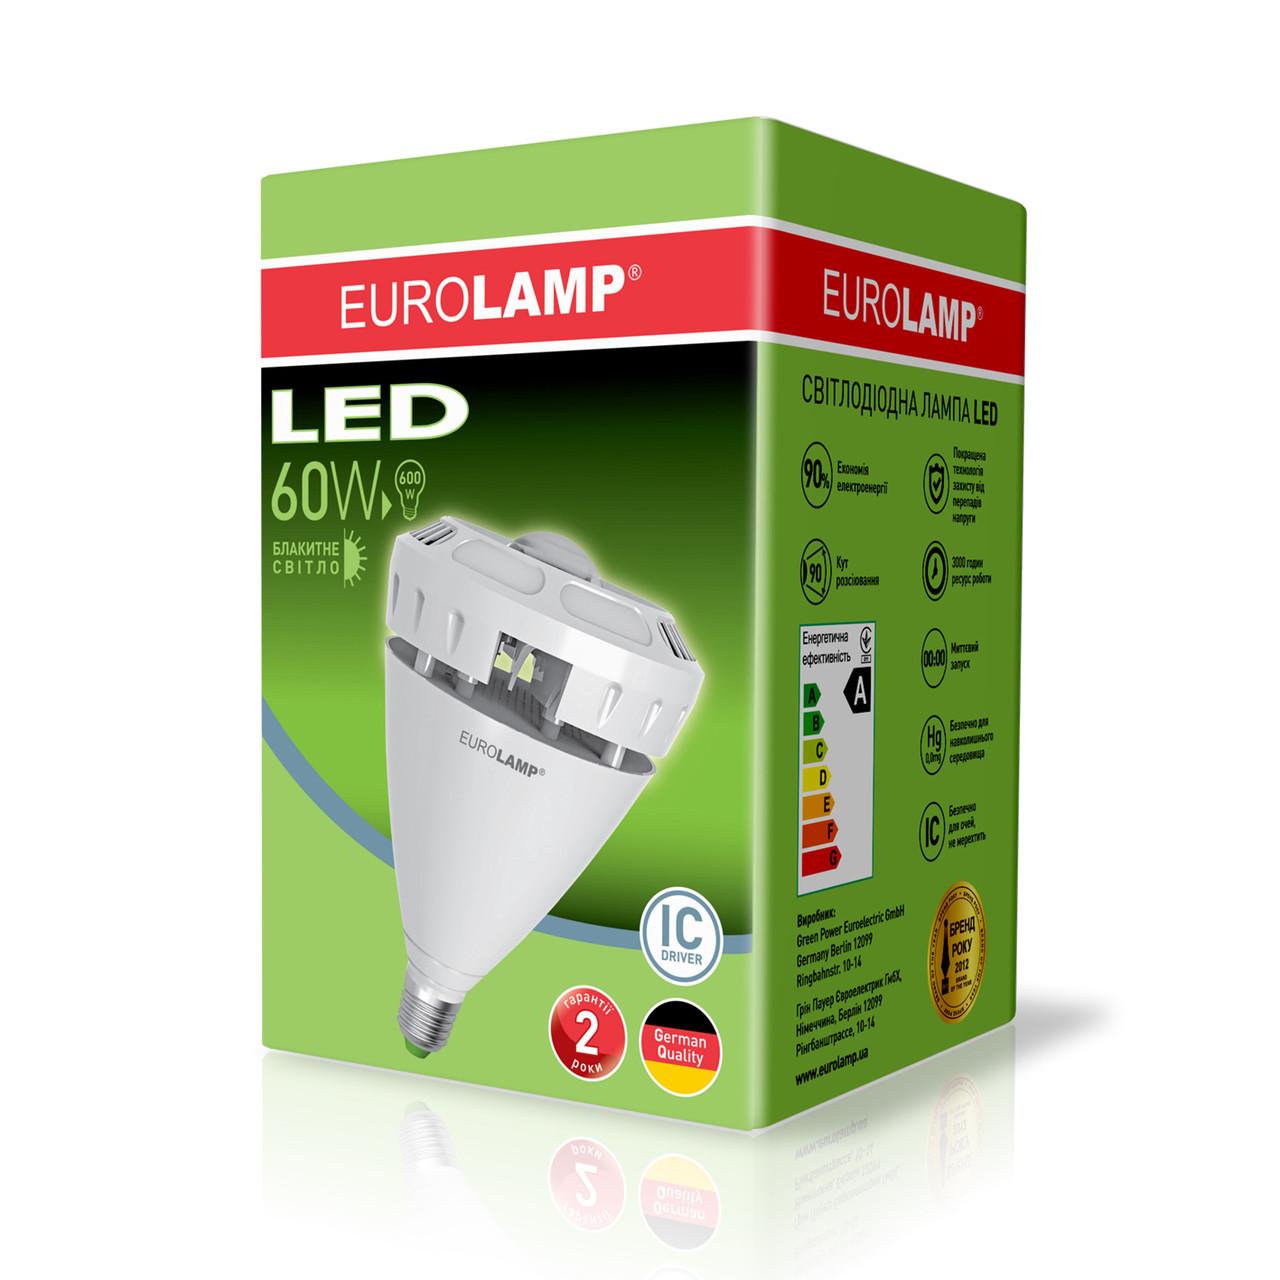 """Высокомощная led-лампа Eurolamp LED 60W E40 6000Lm Ra85 """"глазок"""" (LED-HP-60406)"""